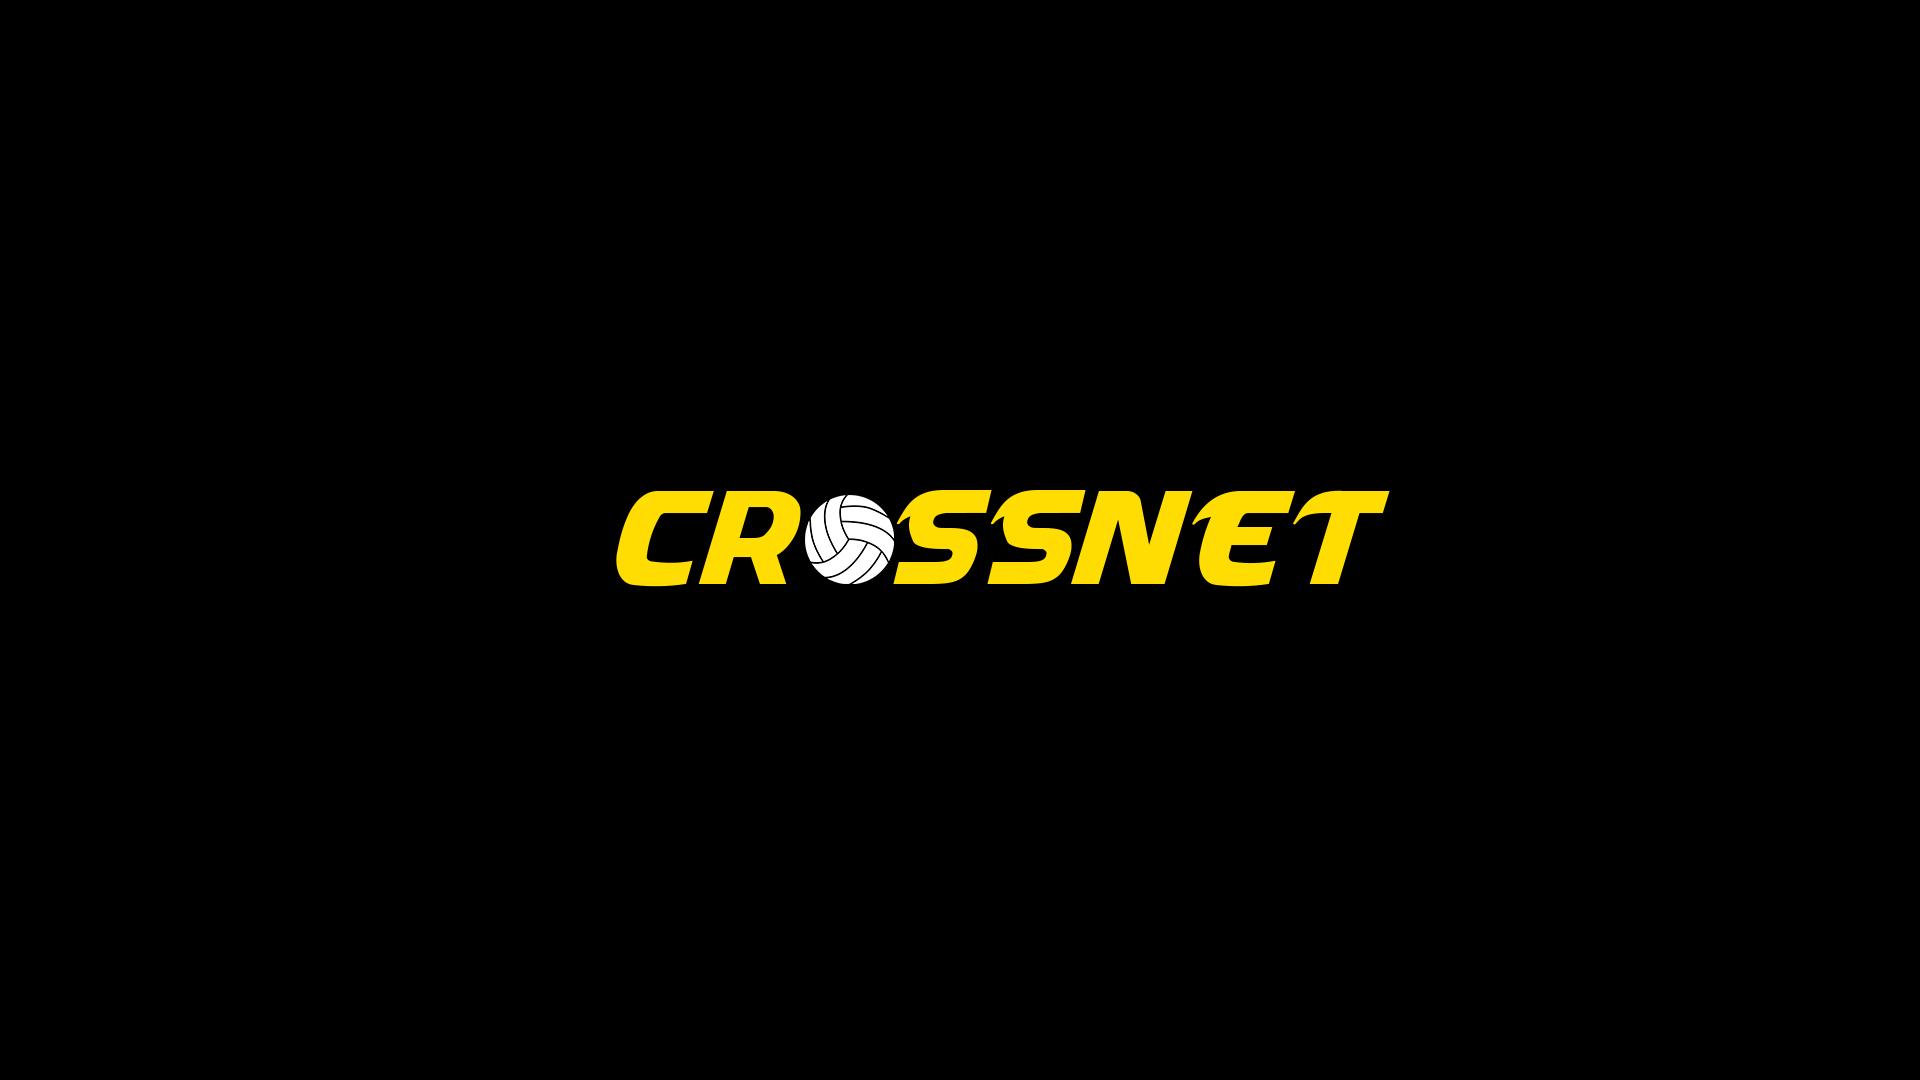 whiteballcrossnet